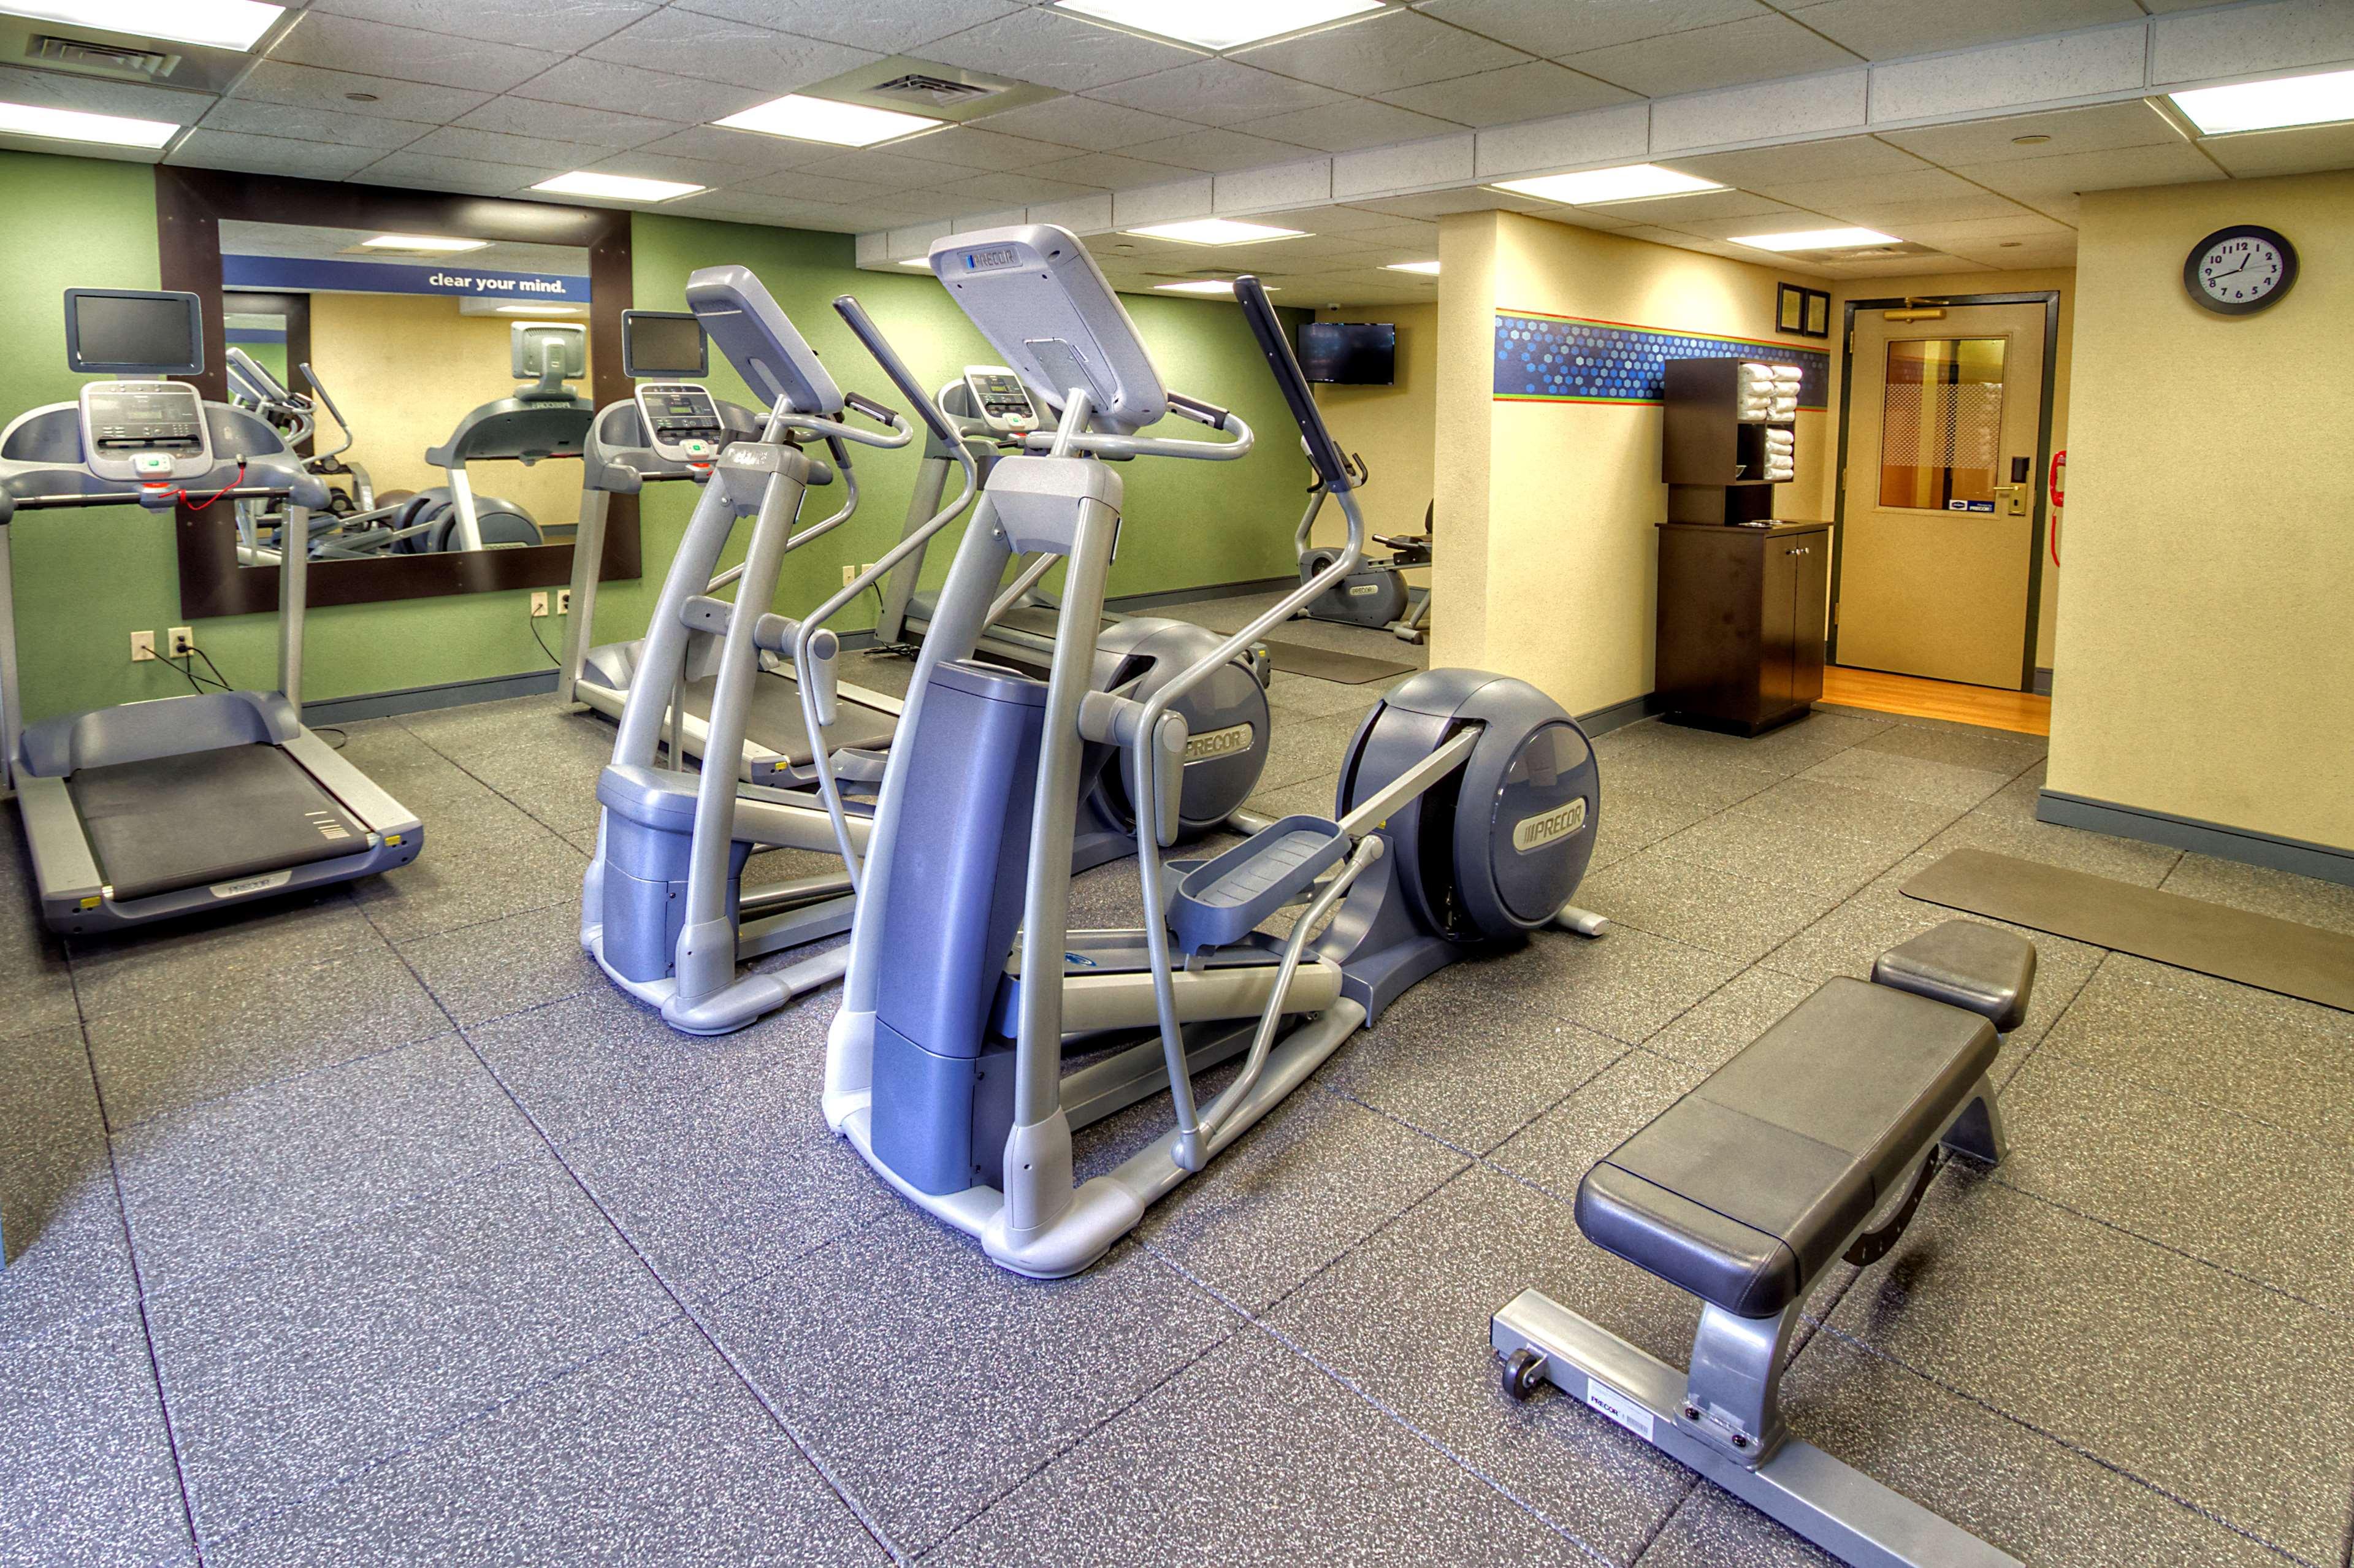 Hampton Inn & Suites Asheville-I-26 image 8